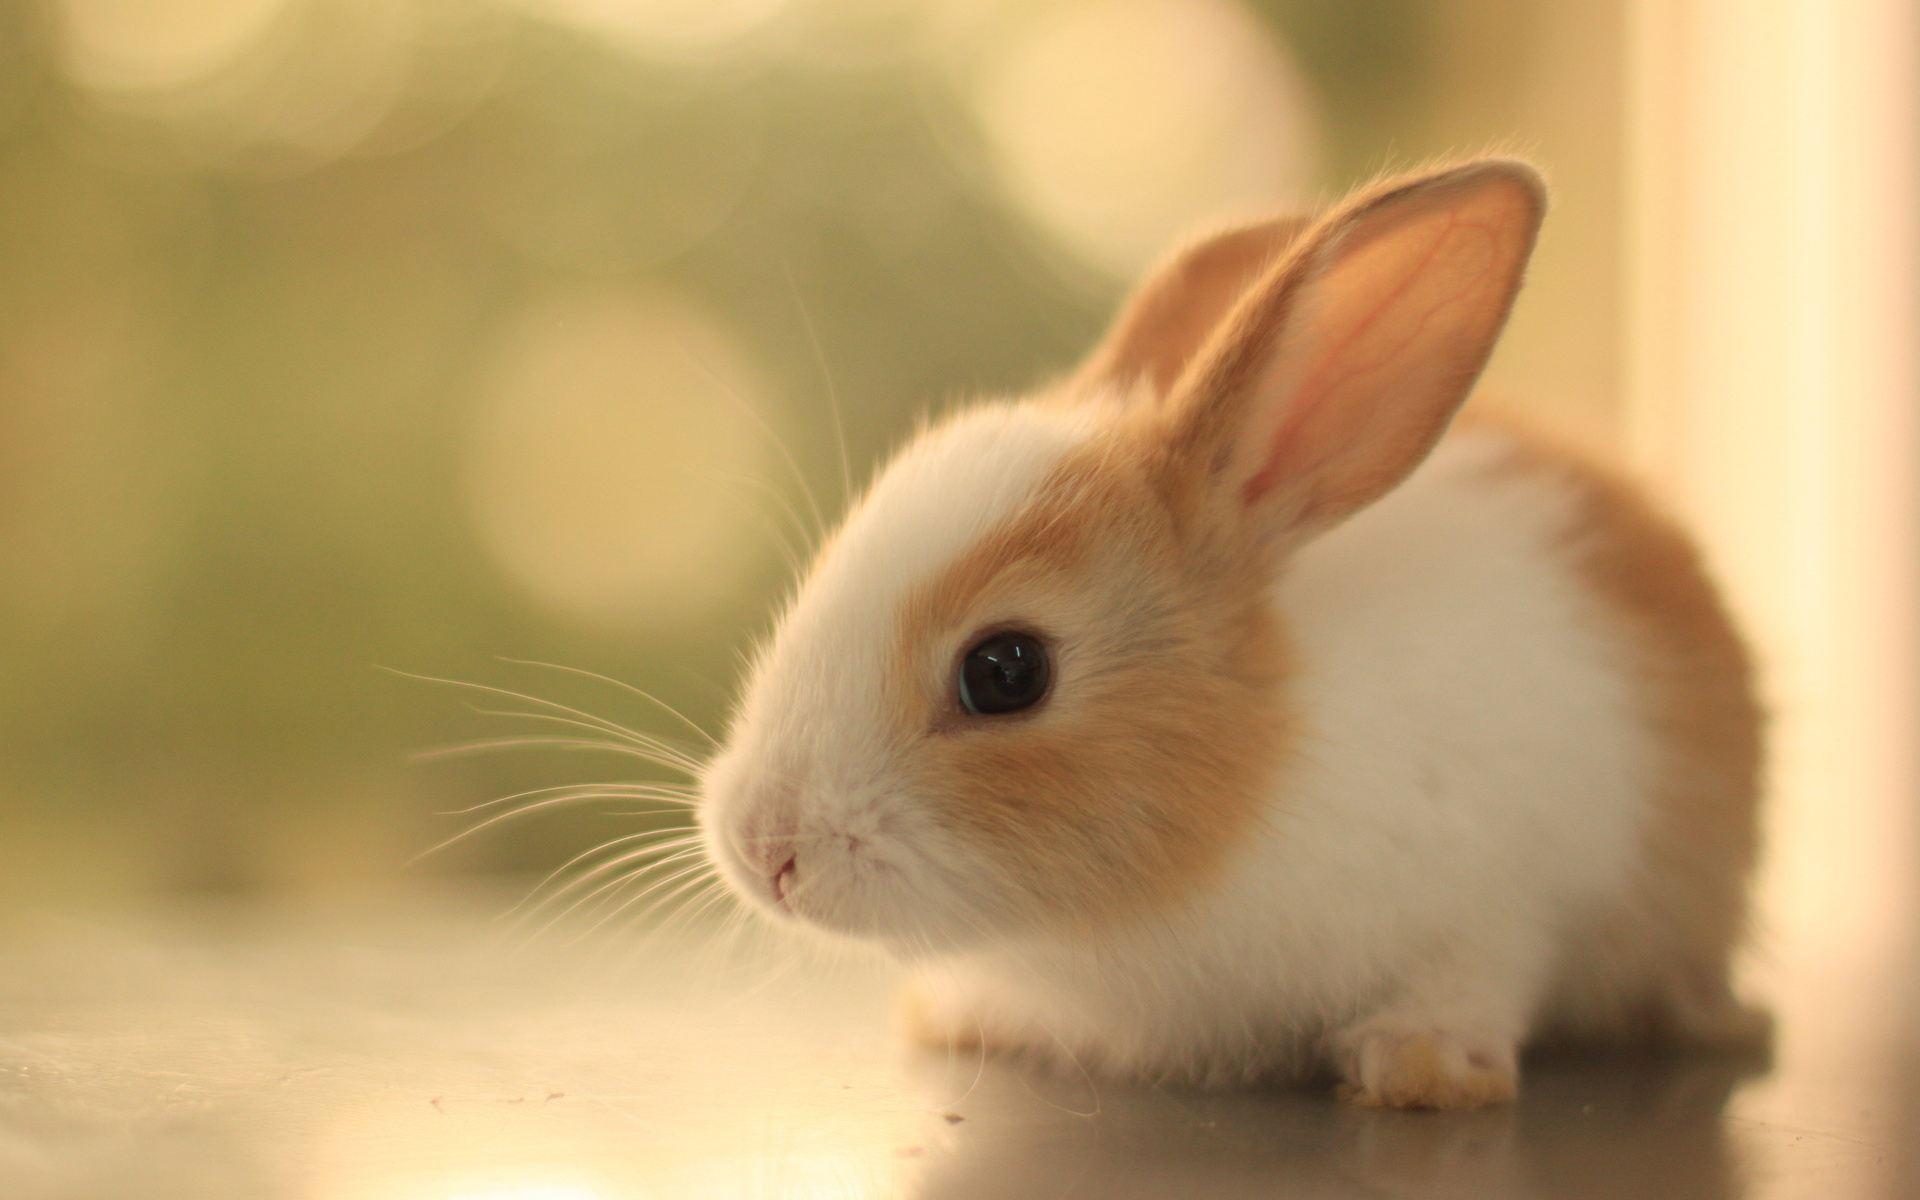 乳液兔子动物1920_1200澳门伊思蜗牛壁纸图片